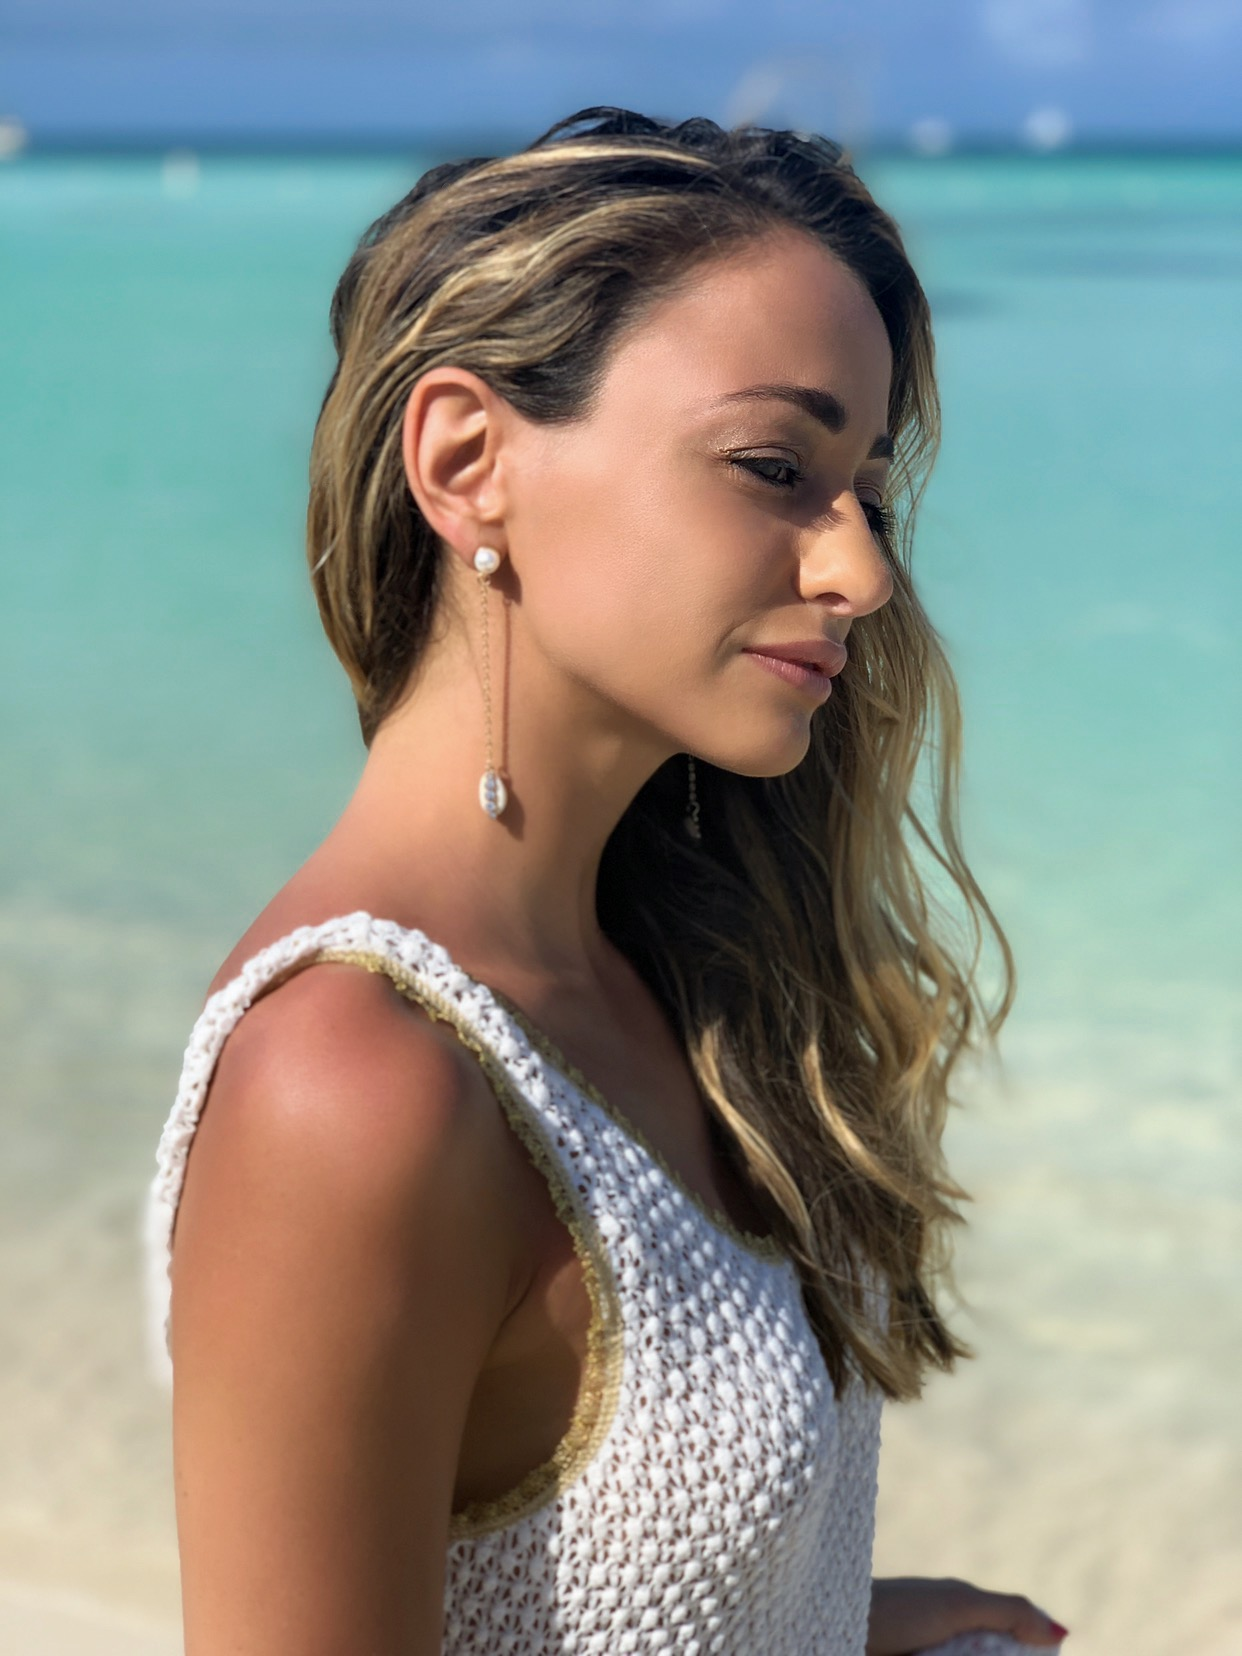 Dress:   CHIO  | Jewelry:  Zaxie by Stefanie Taylor